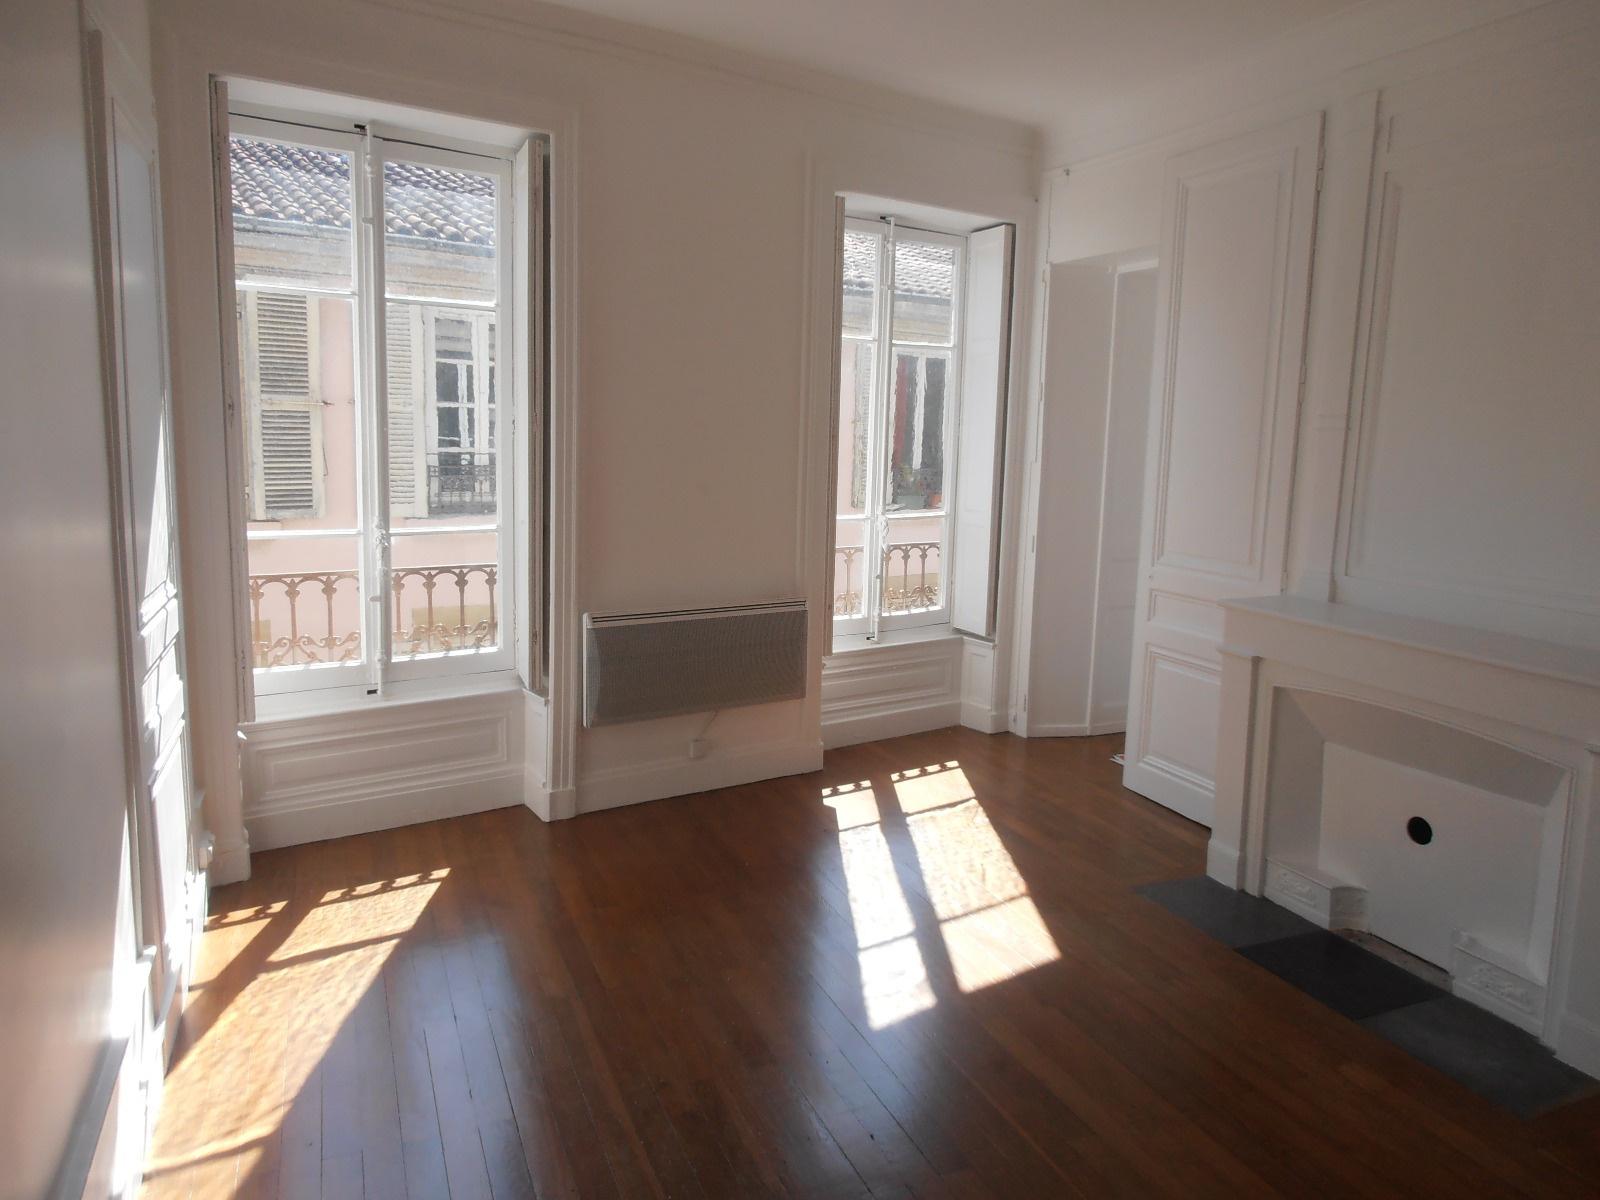 Vente appartement vienne villas et maisons vienne for Appartement atypique vienne 38200